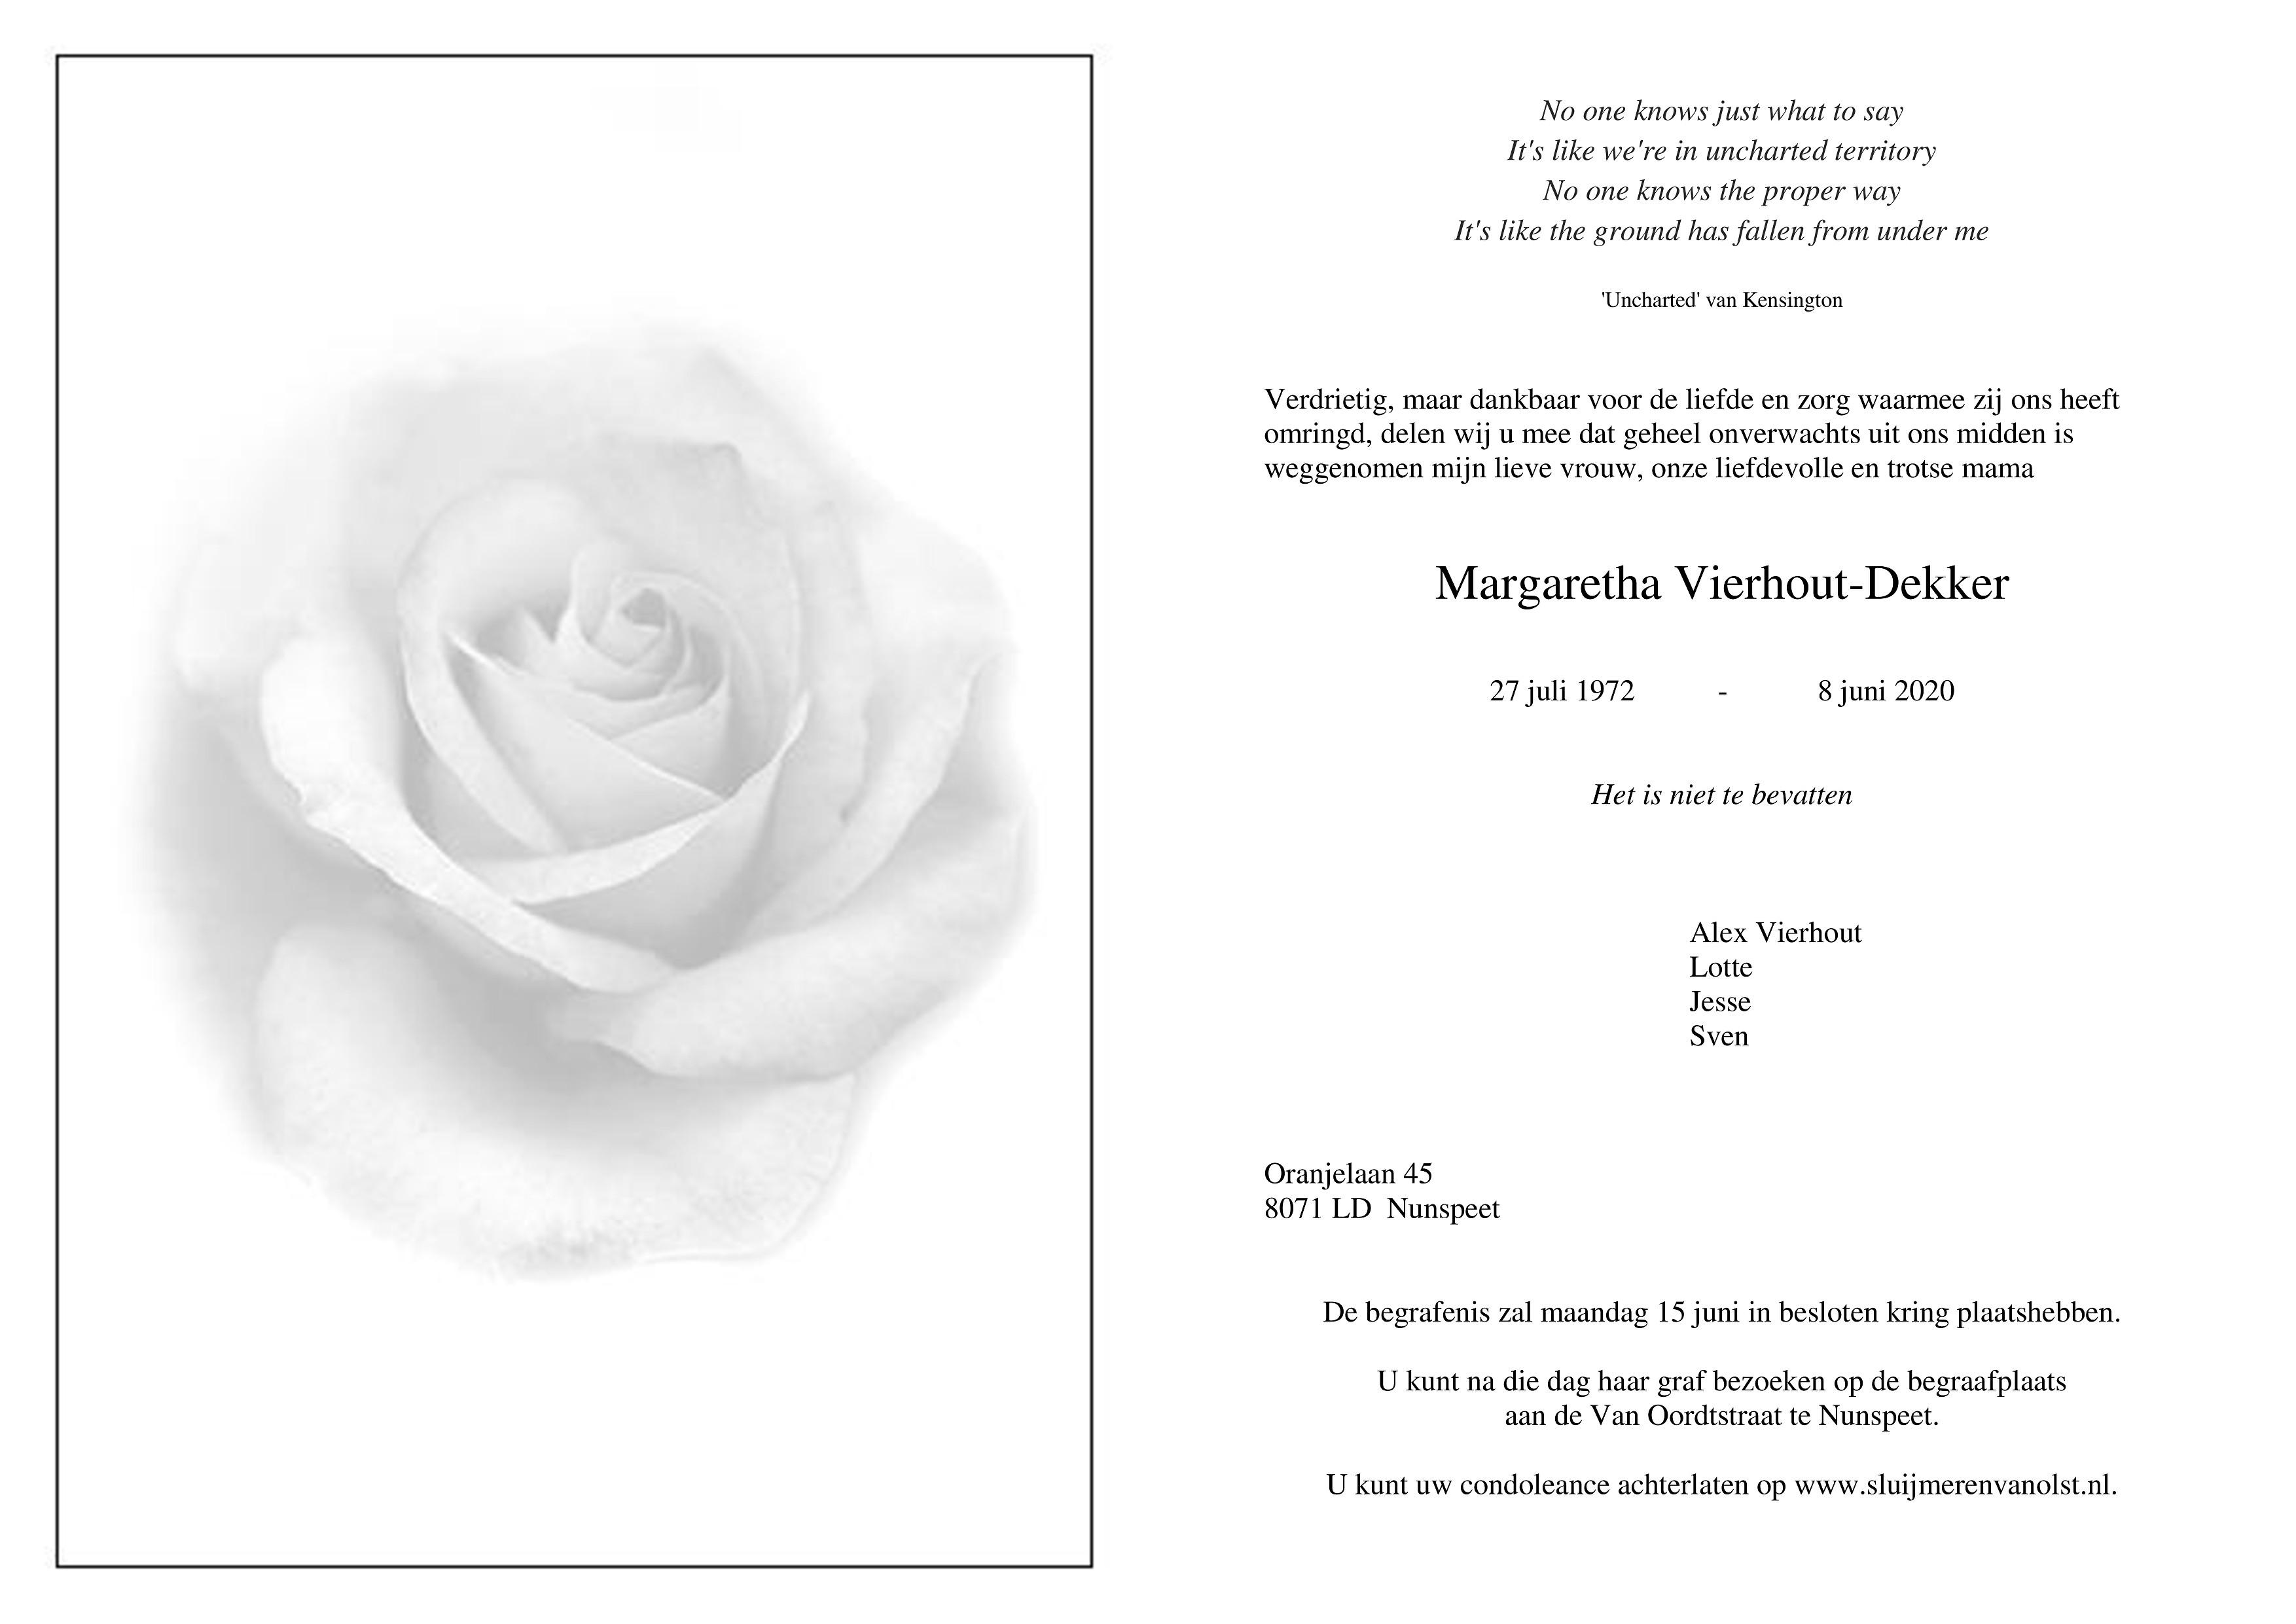 Margret Vierhout-Dekker Death notice